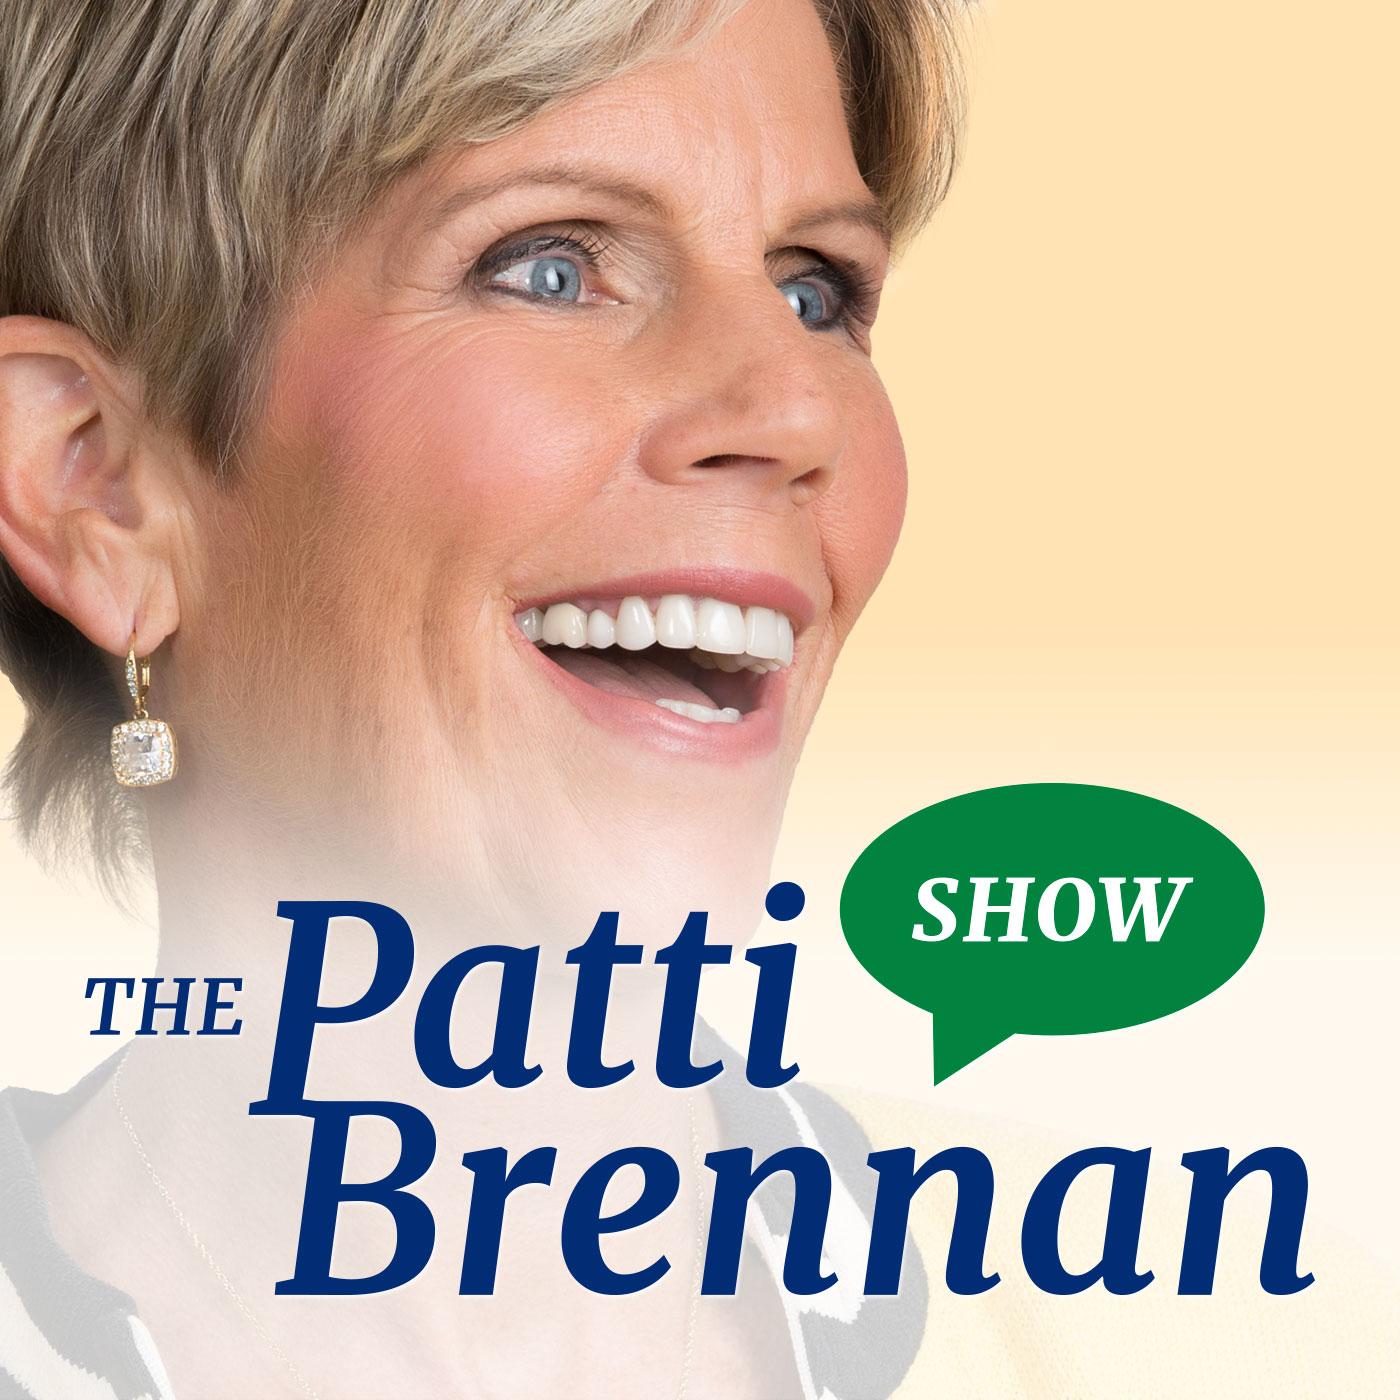 The Patti Brennan Show show art